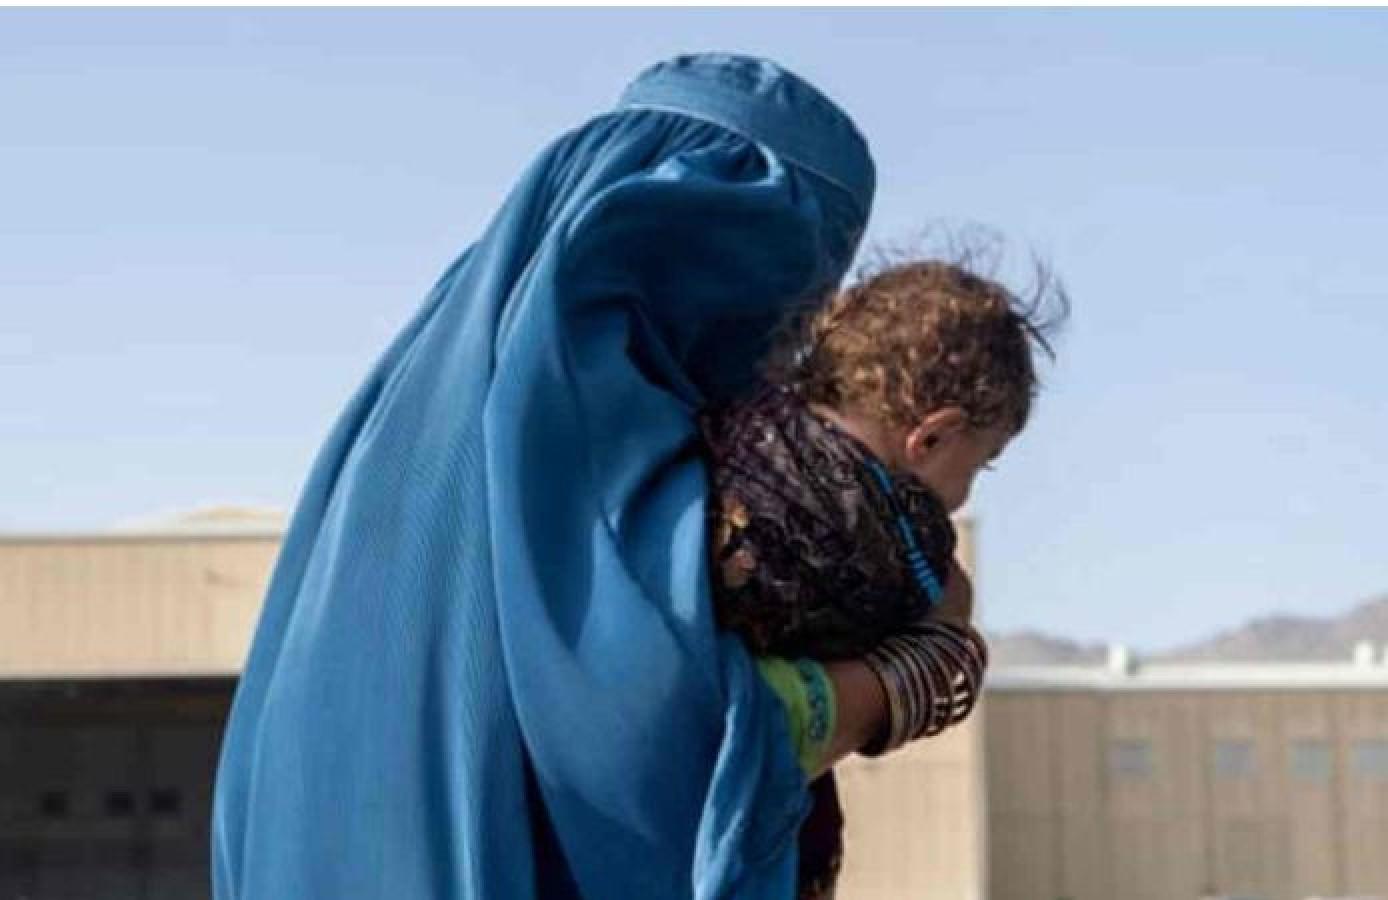 Taliban regime: बेटी की जान बचाने के लिए अफगानी महिला ने अपने नवजात को बेचा